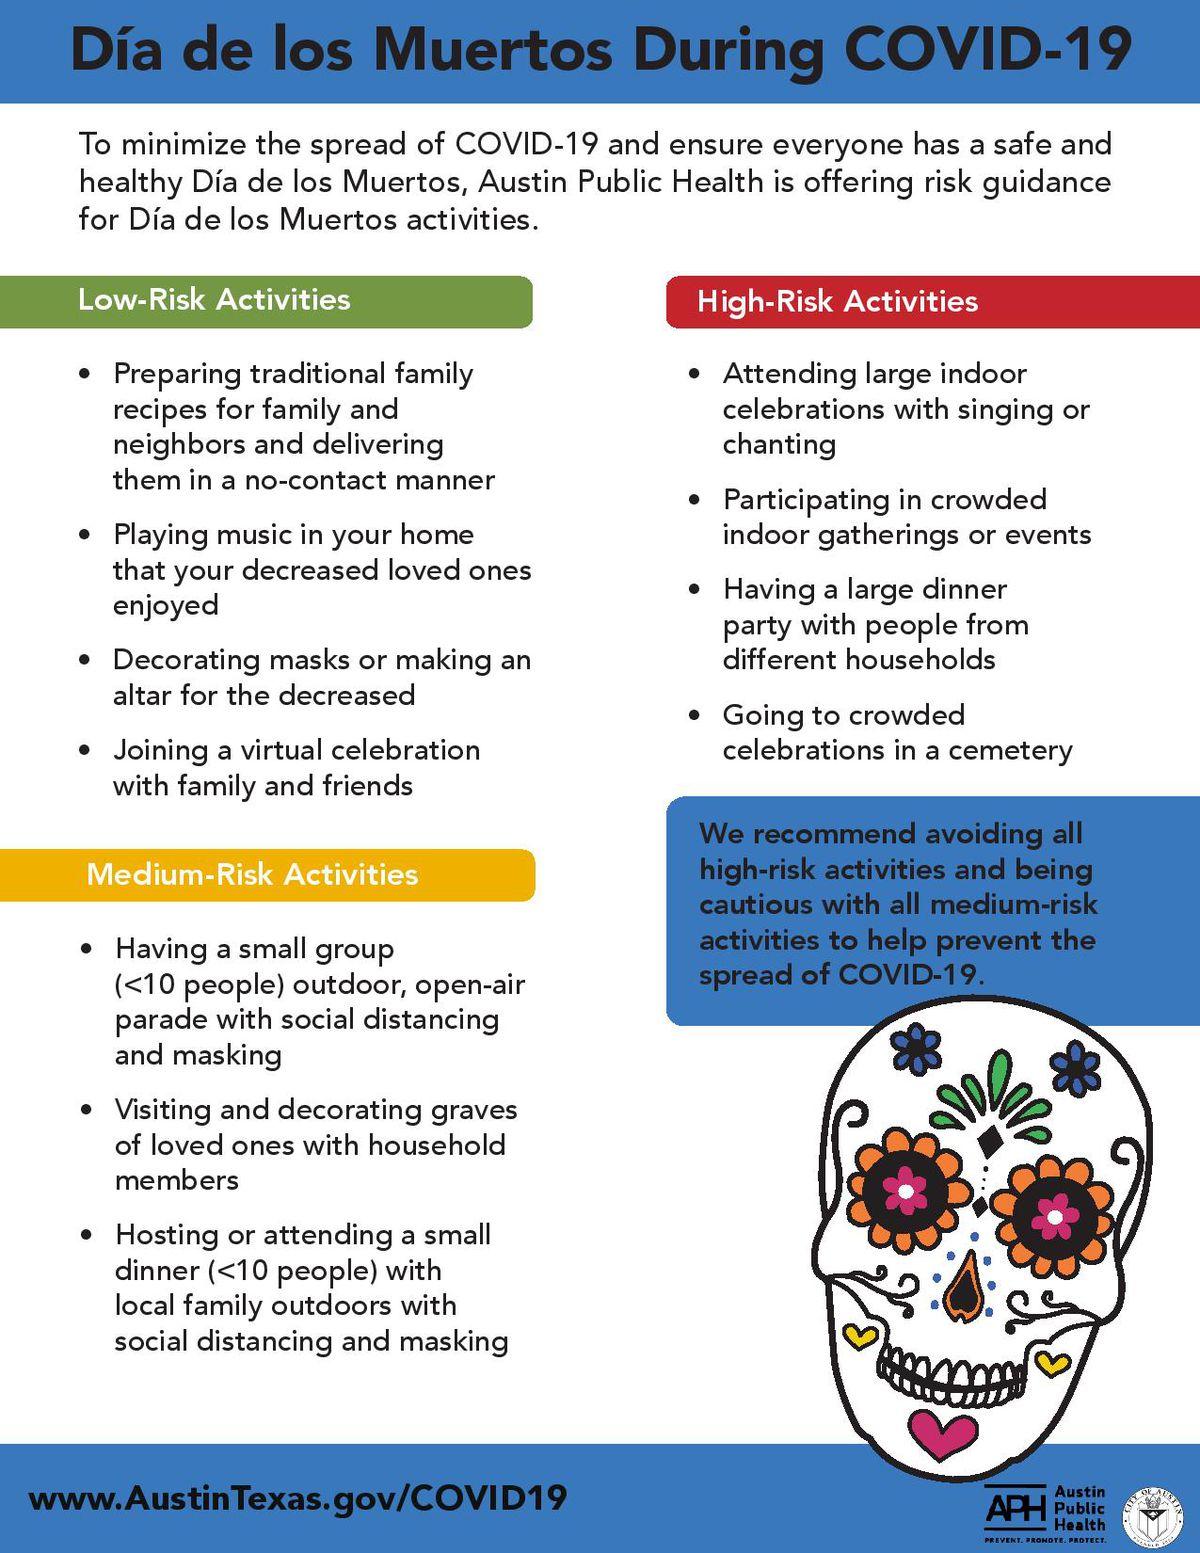 Austin Public Health's Día de los Muertos recommendations during the novel coronavirus pandemic